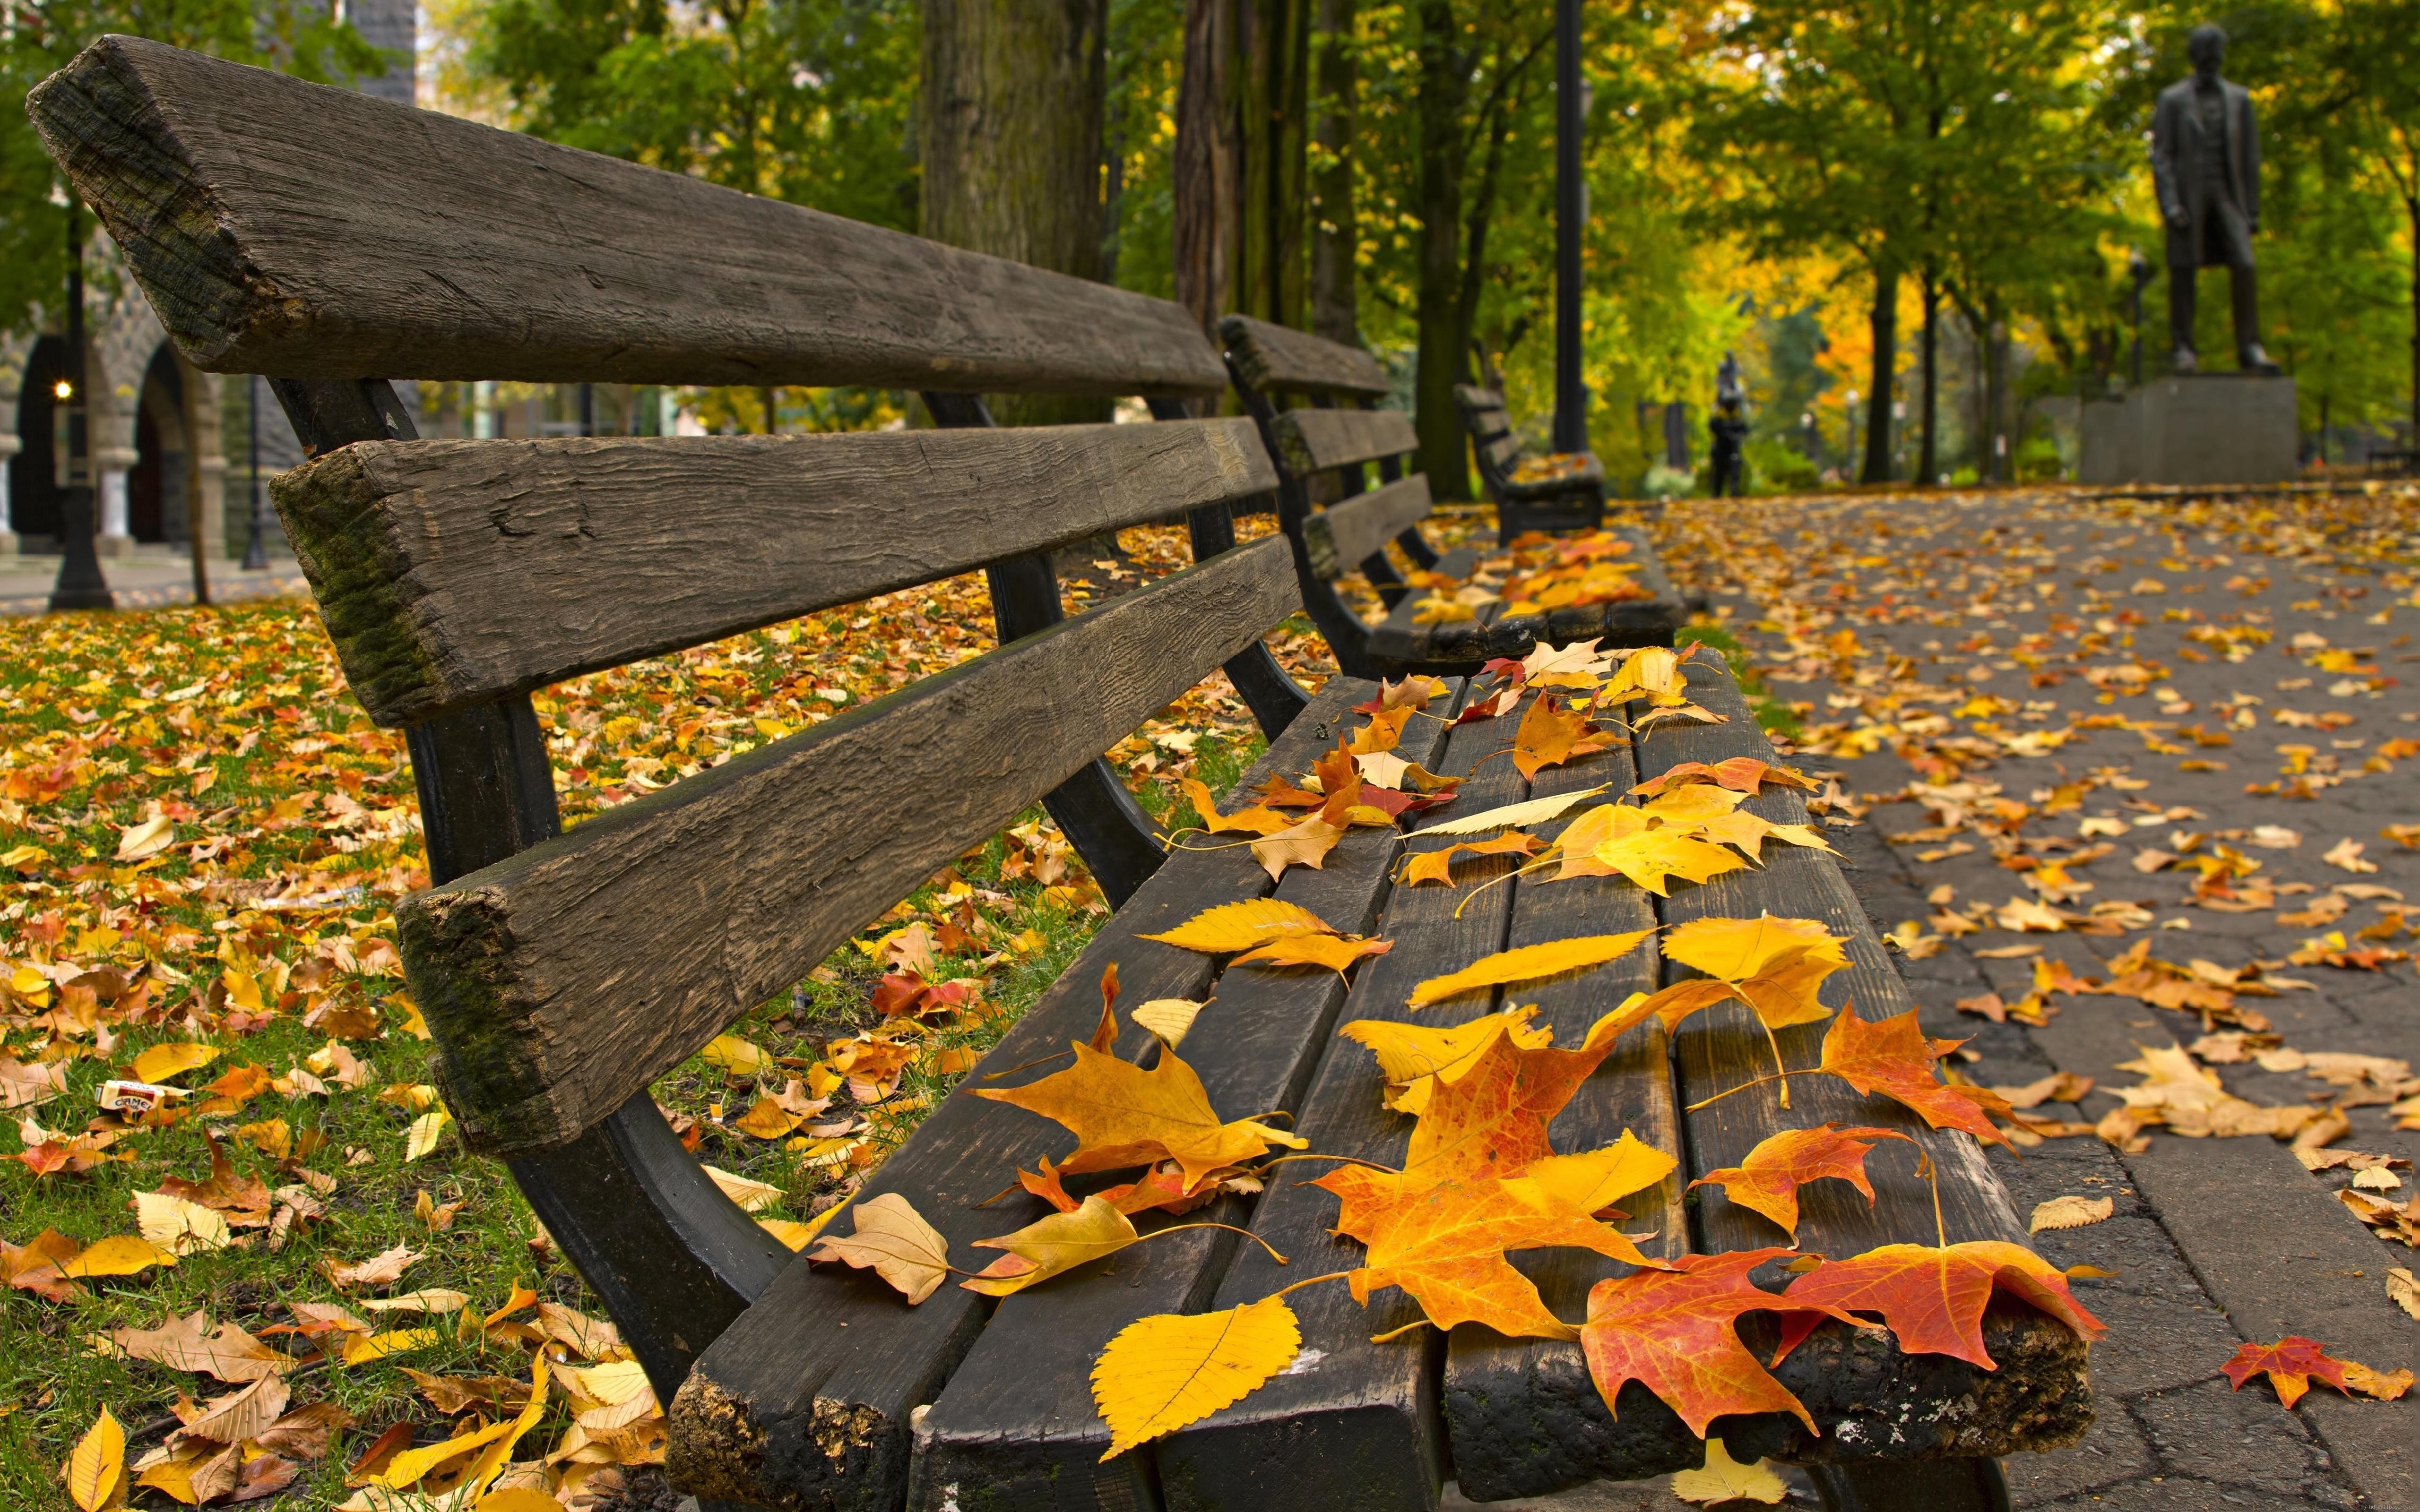 Осень листья лавка стол  № 3187494 бесплатно